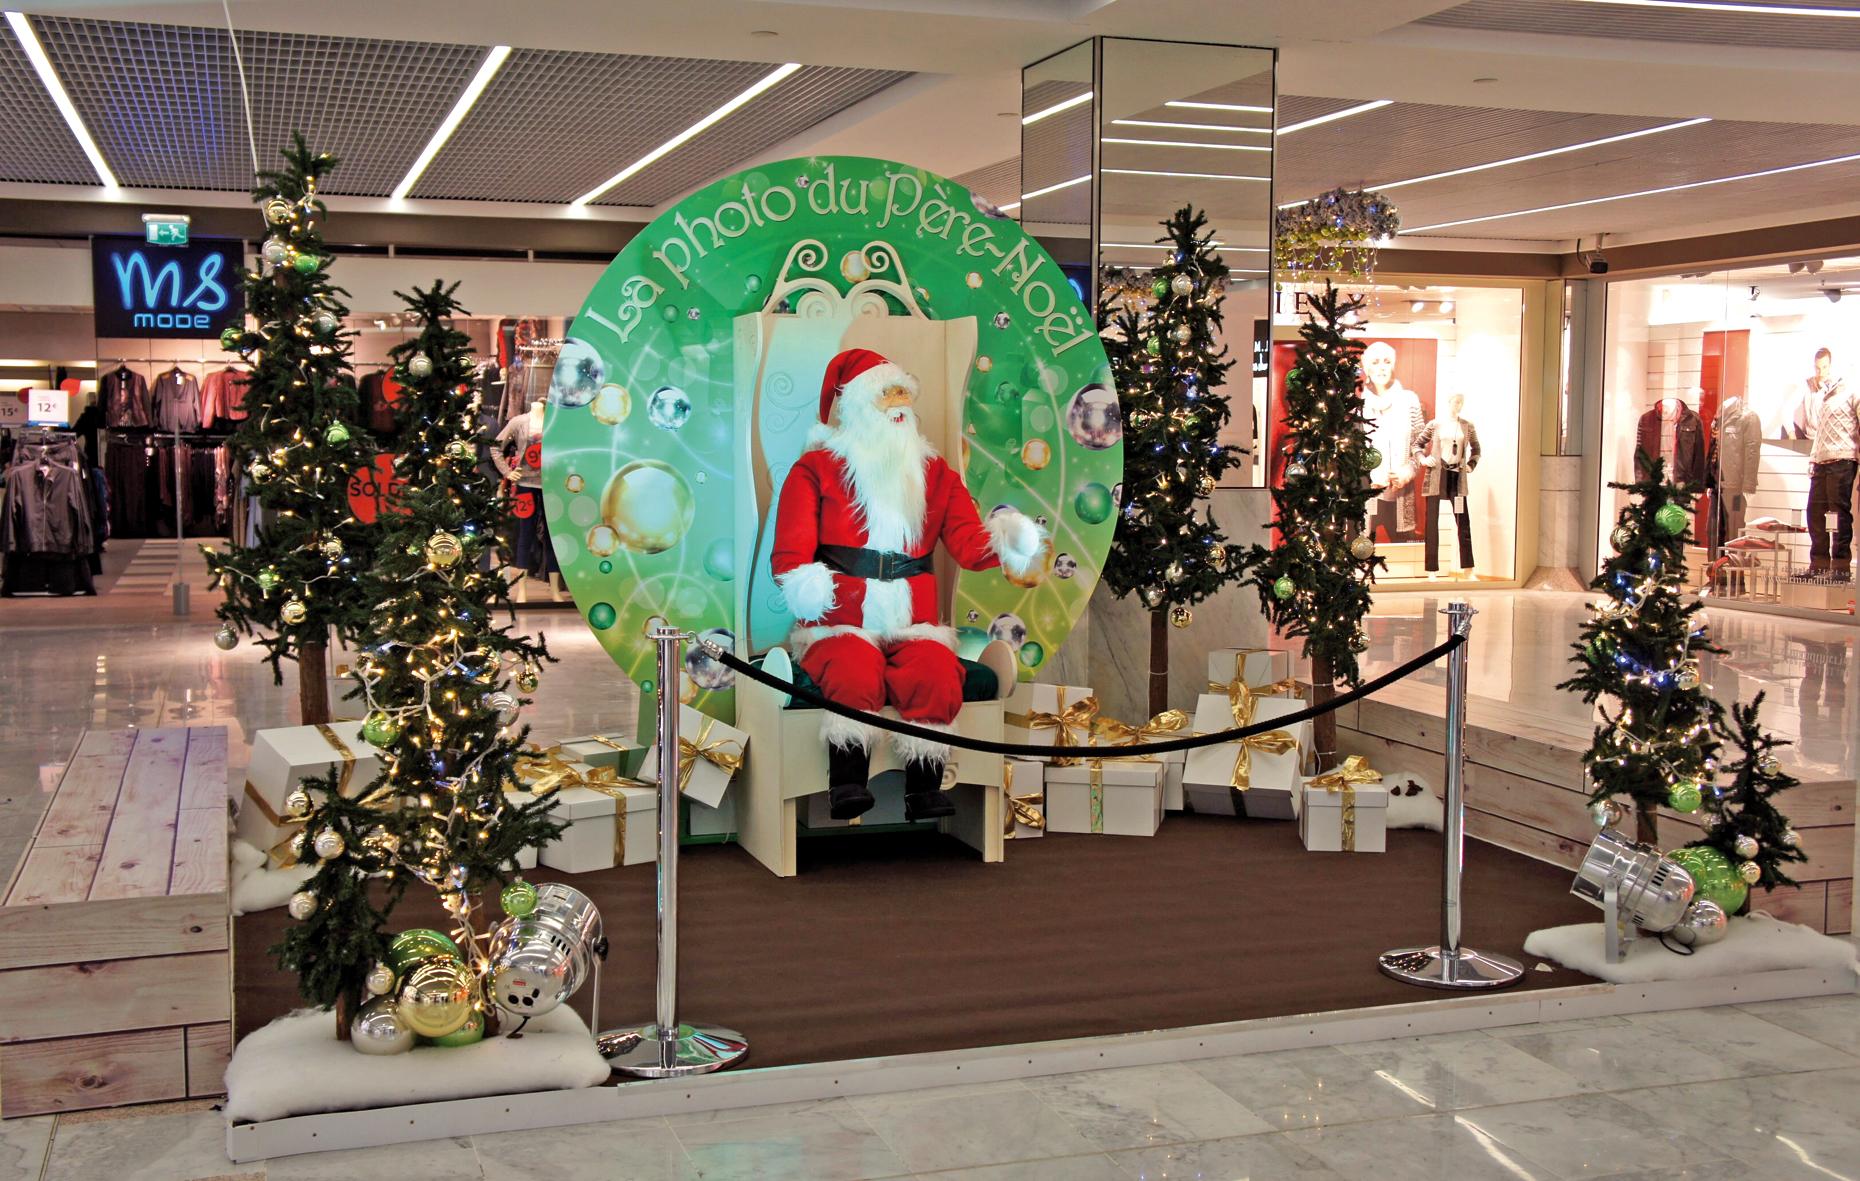 #2C8846 La Féérie Continue Au Centre Commercial Saint Sébastien  5363 decorations de noel centre commercial 1860x1181 px @ aertt.com